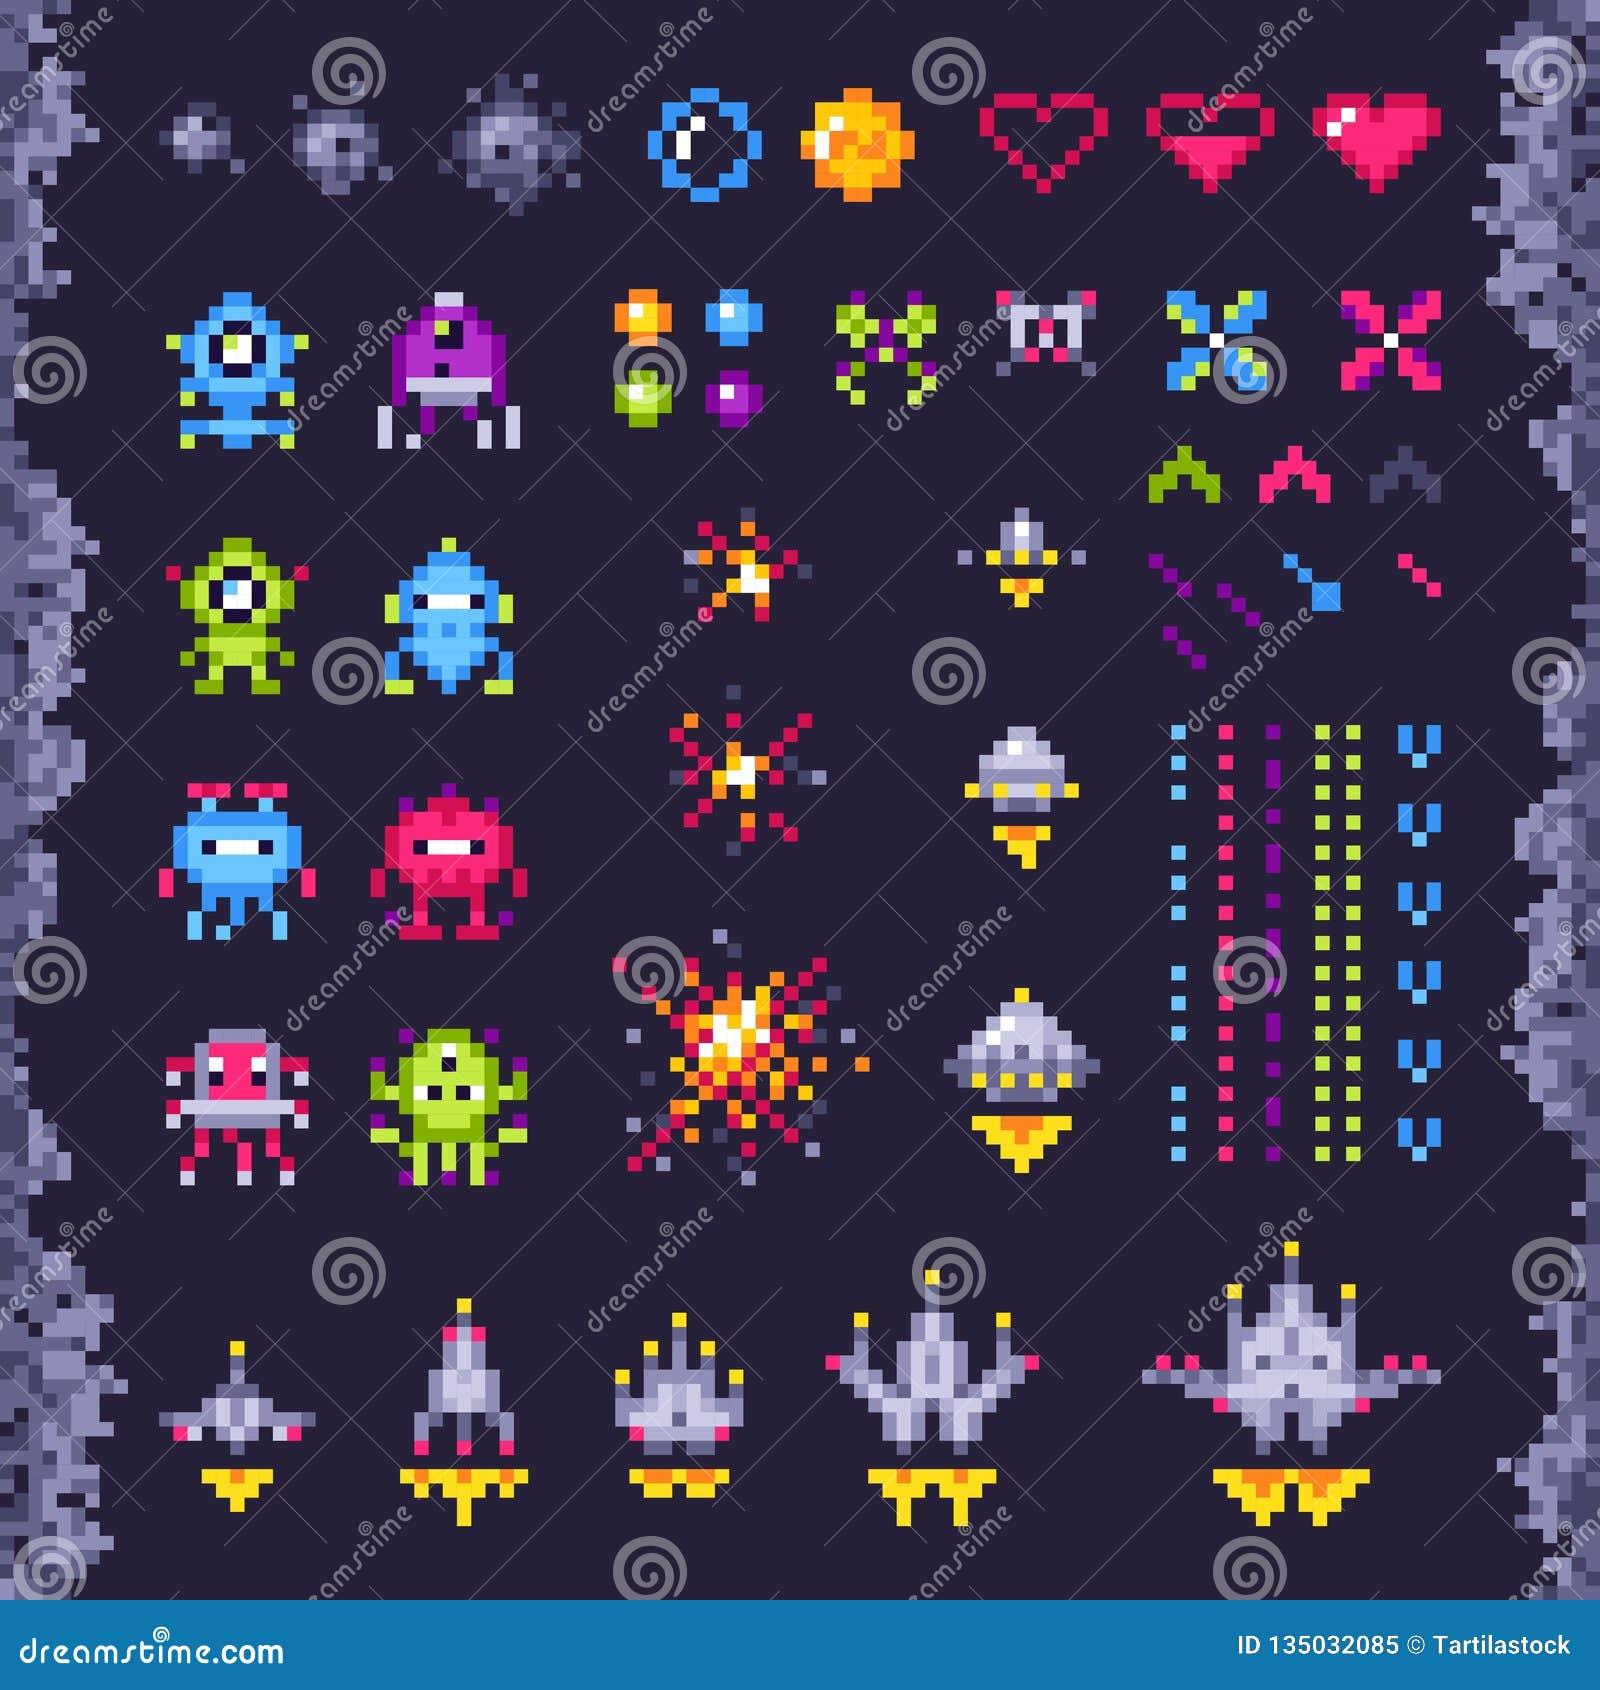 减速火箭的空间娱乐游戏 侵略者太空飞船,映象点侵略者妖怪和减速火箭的电子游戏映象点艺术隔绝了对象